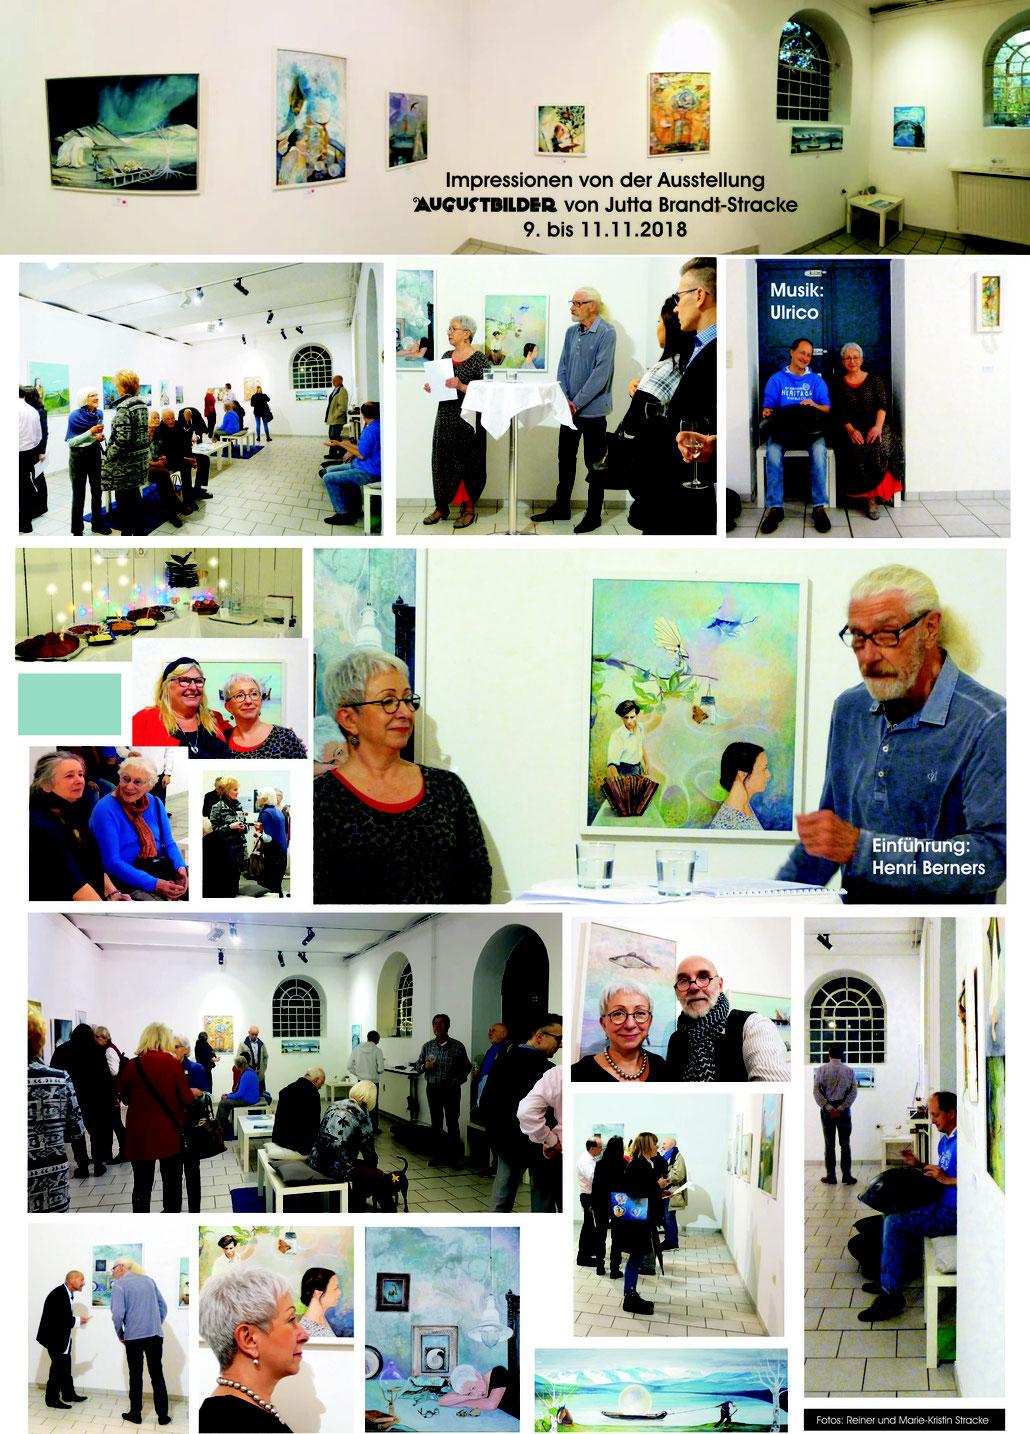 Impressionen von der Ausstellung Augustbilder von Jutta Brandt-Stracke im Galeriehaus H6 Hilden vom 09.-11.11.2018